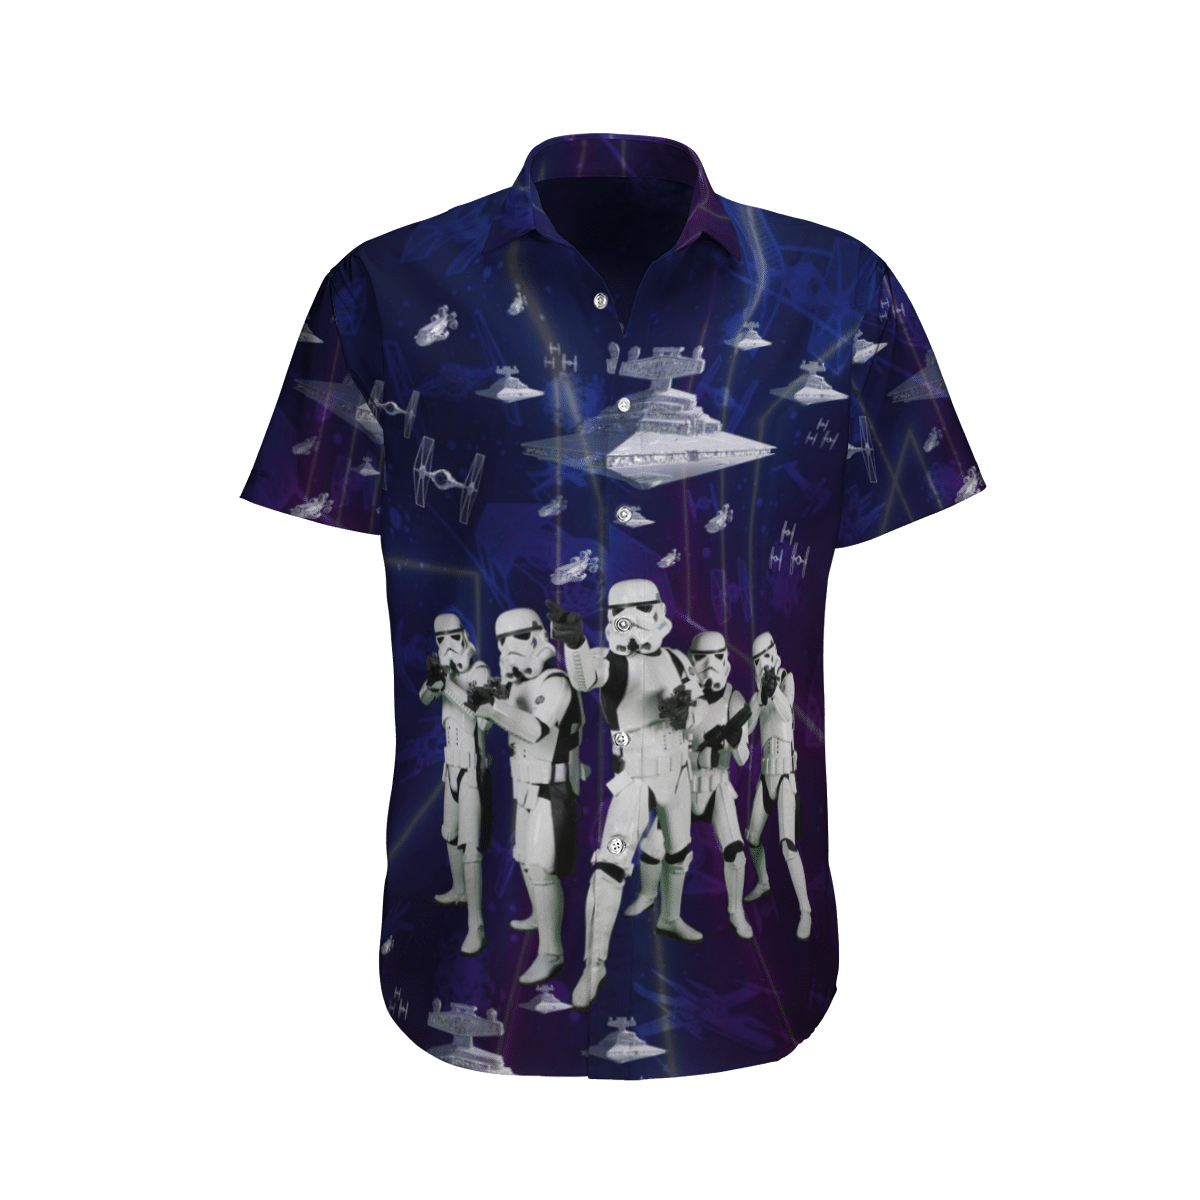 Star wars 5 Stormtroopers Spaceship Hawaiian Shirt